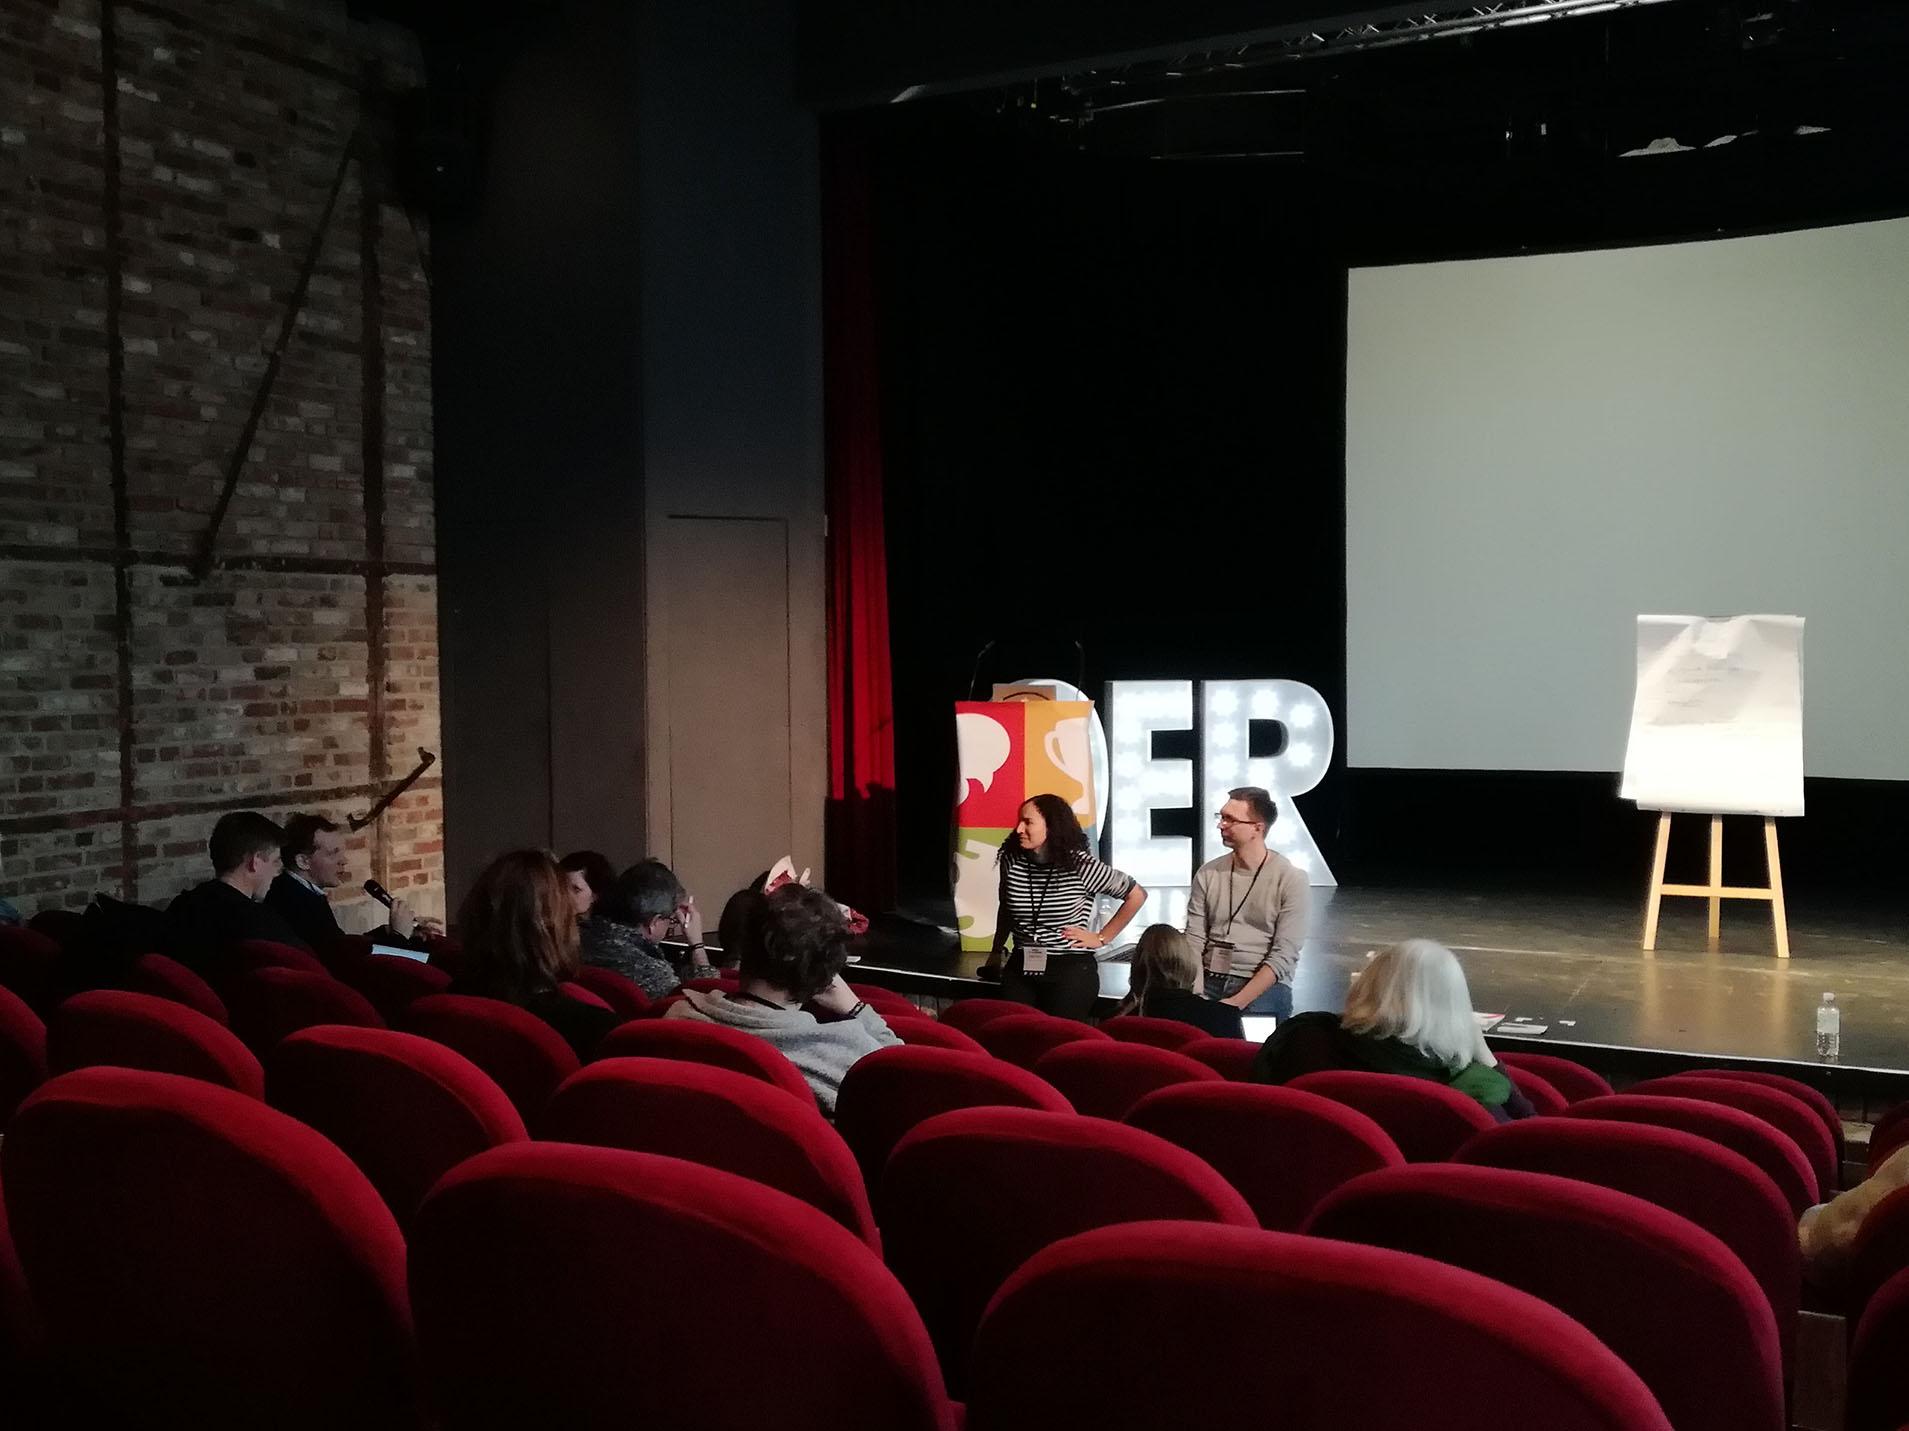 Zuhörende in einem Theatersaal auf dem OER Festival 2017 in Berlin